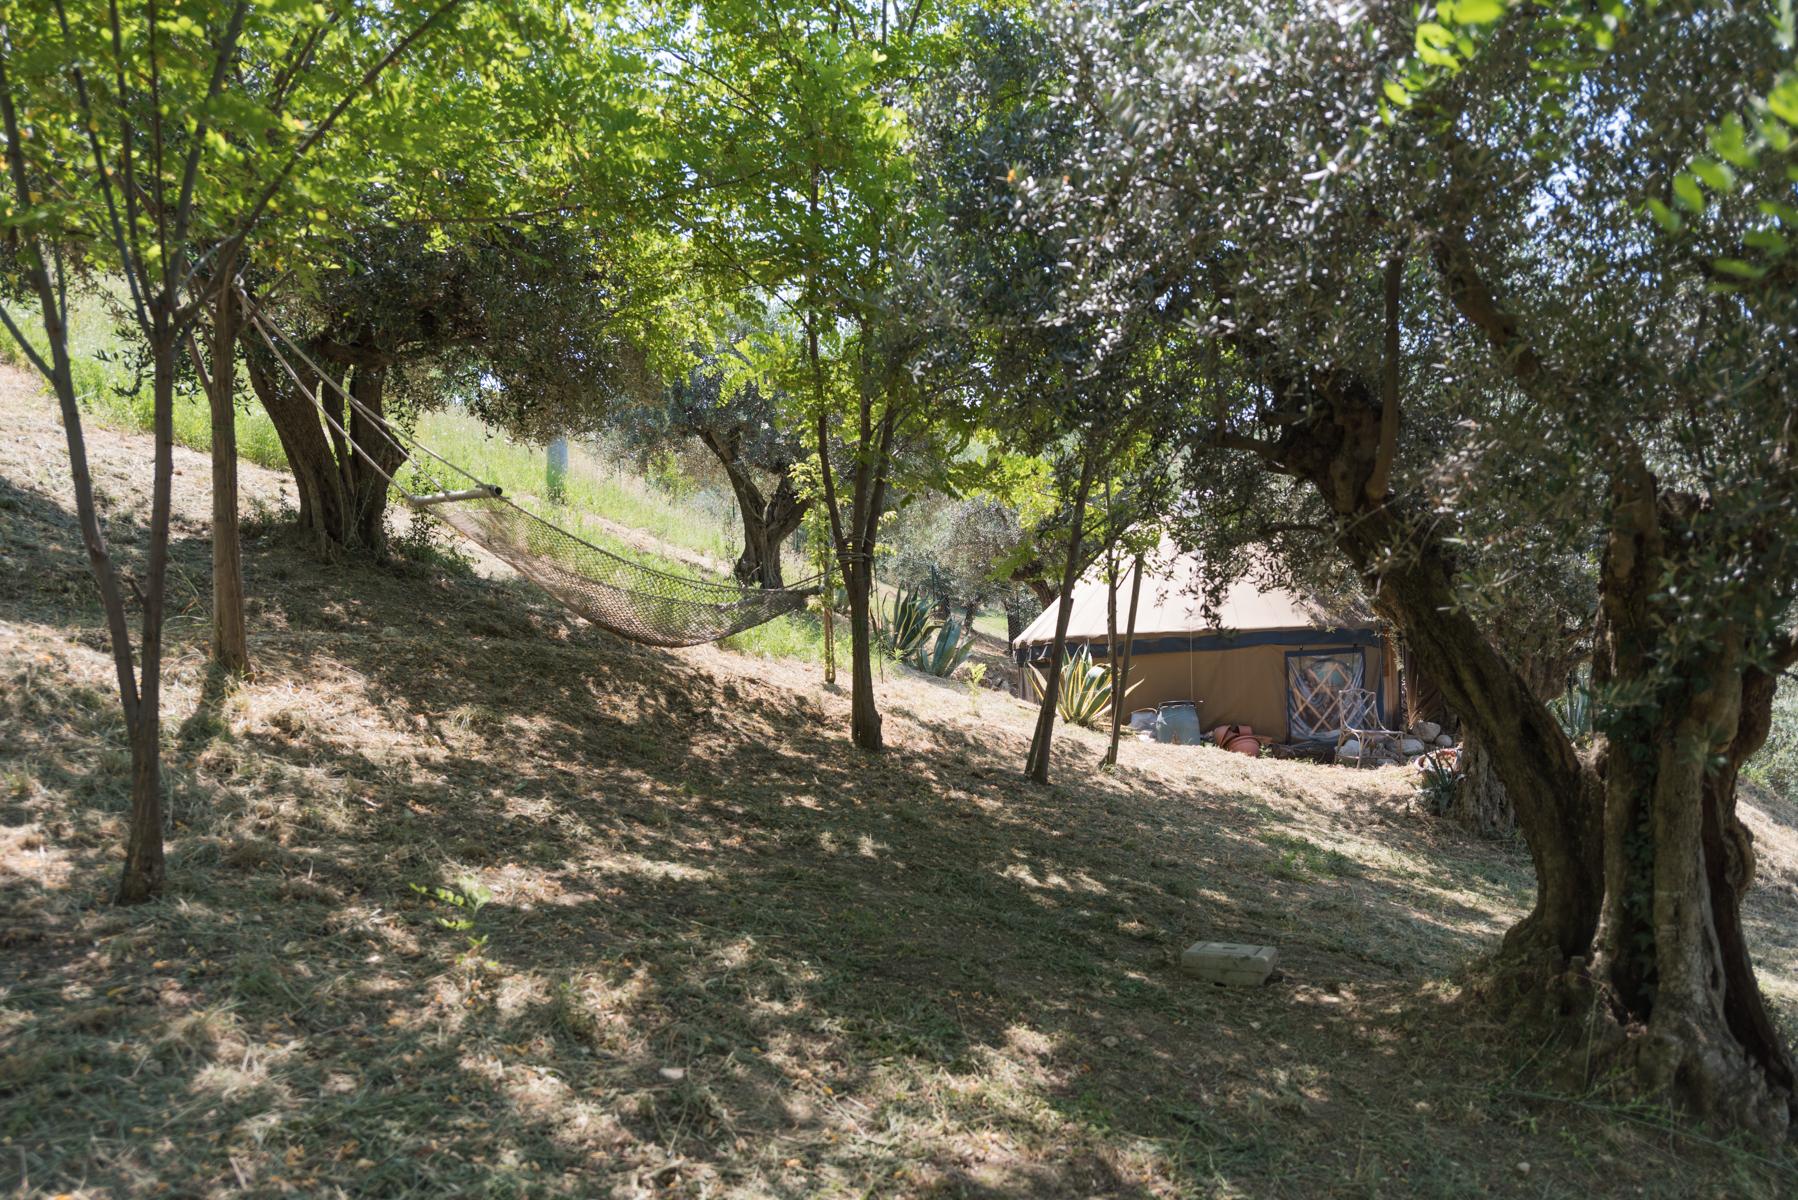 Villa Villa for sale Casalincontrada (CH), Casa Sentinella - Casalincontrada - EUR 321.299 660